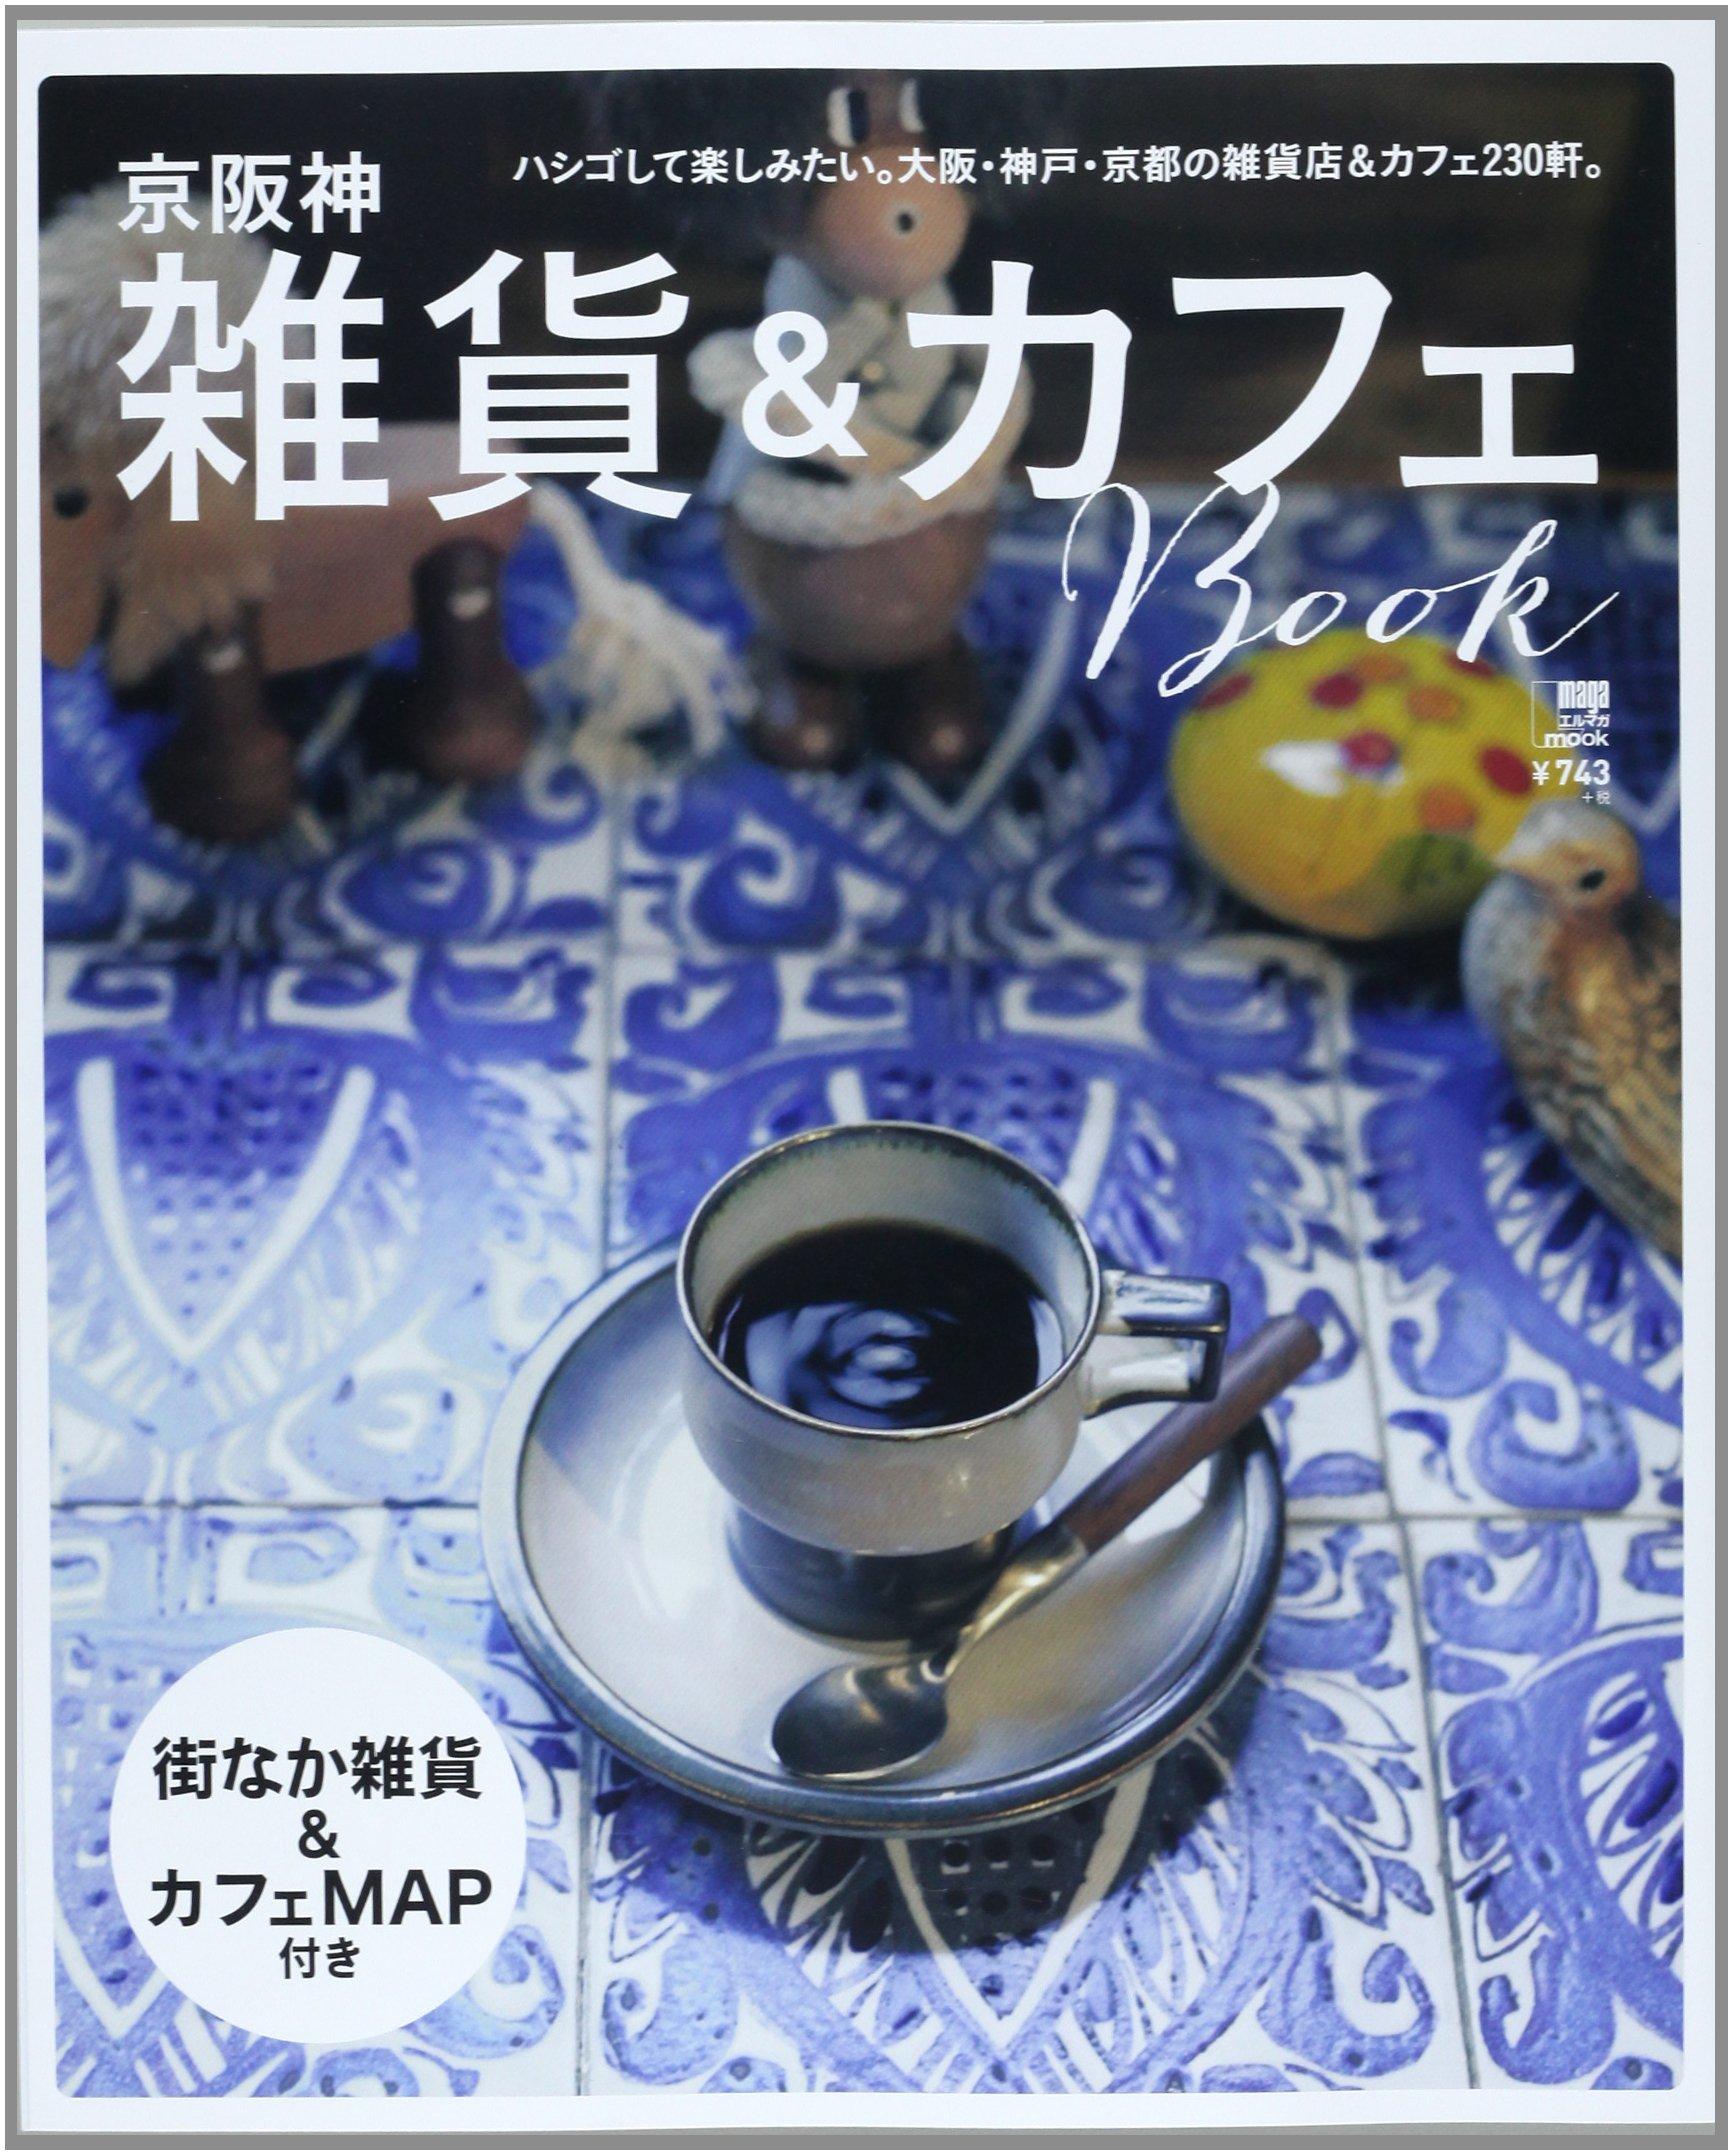 京阪神 雑貨&カフェ BOOK2013年11月京阪神エルマガジン社